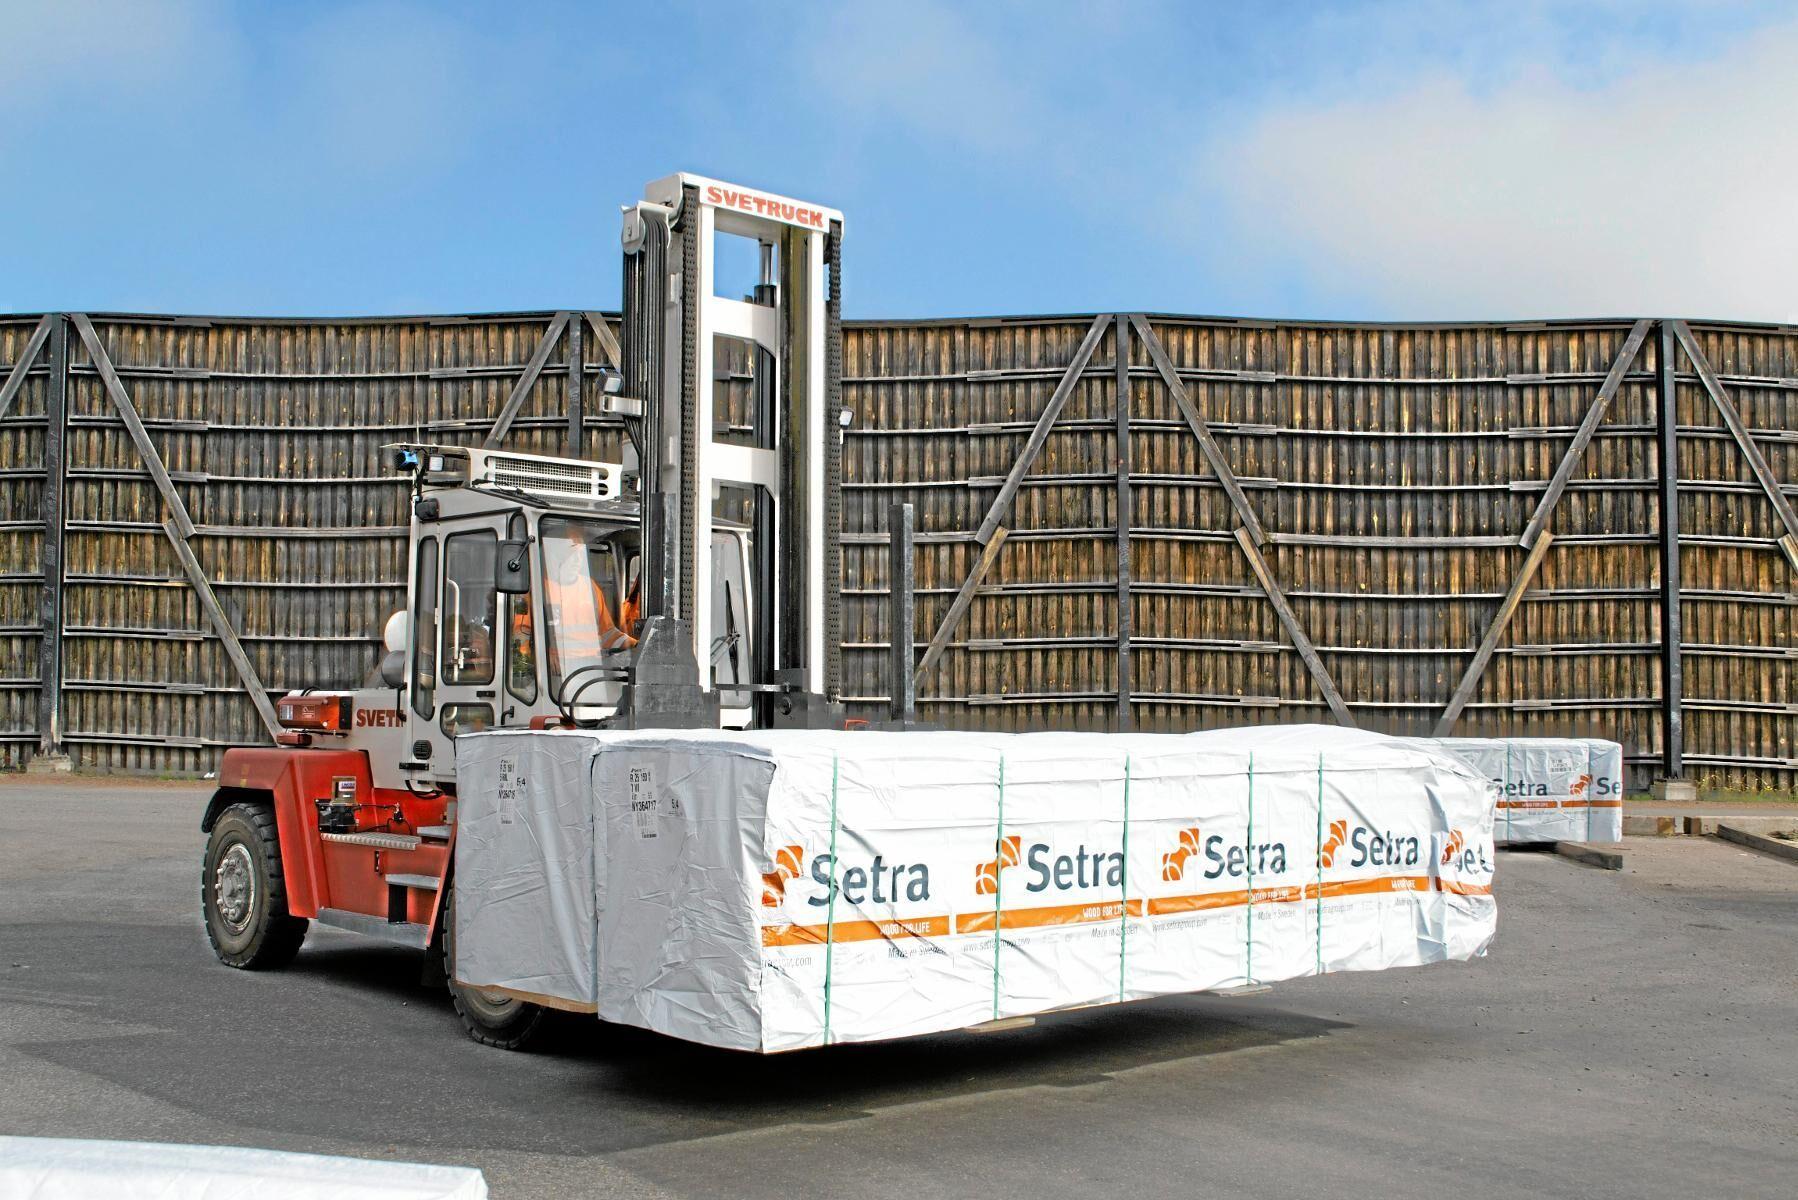 Setra redovisar en omsättning på drygt 3 miljarder kronor för årets tre första kvartal.